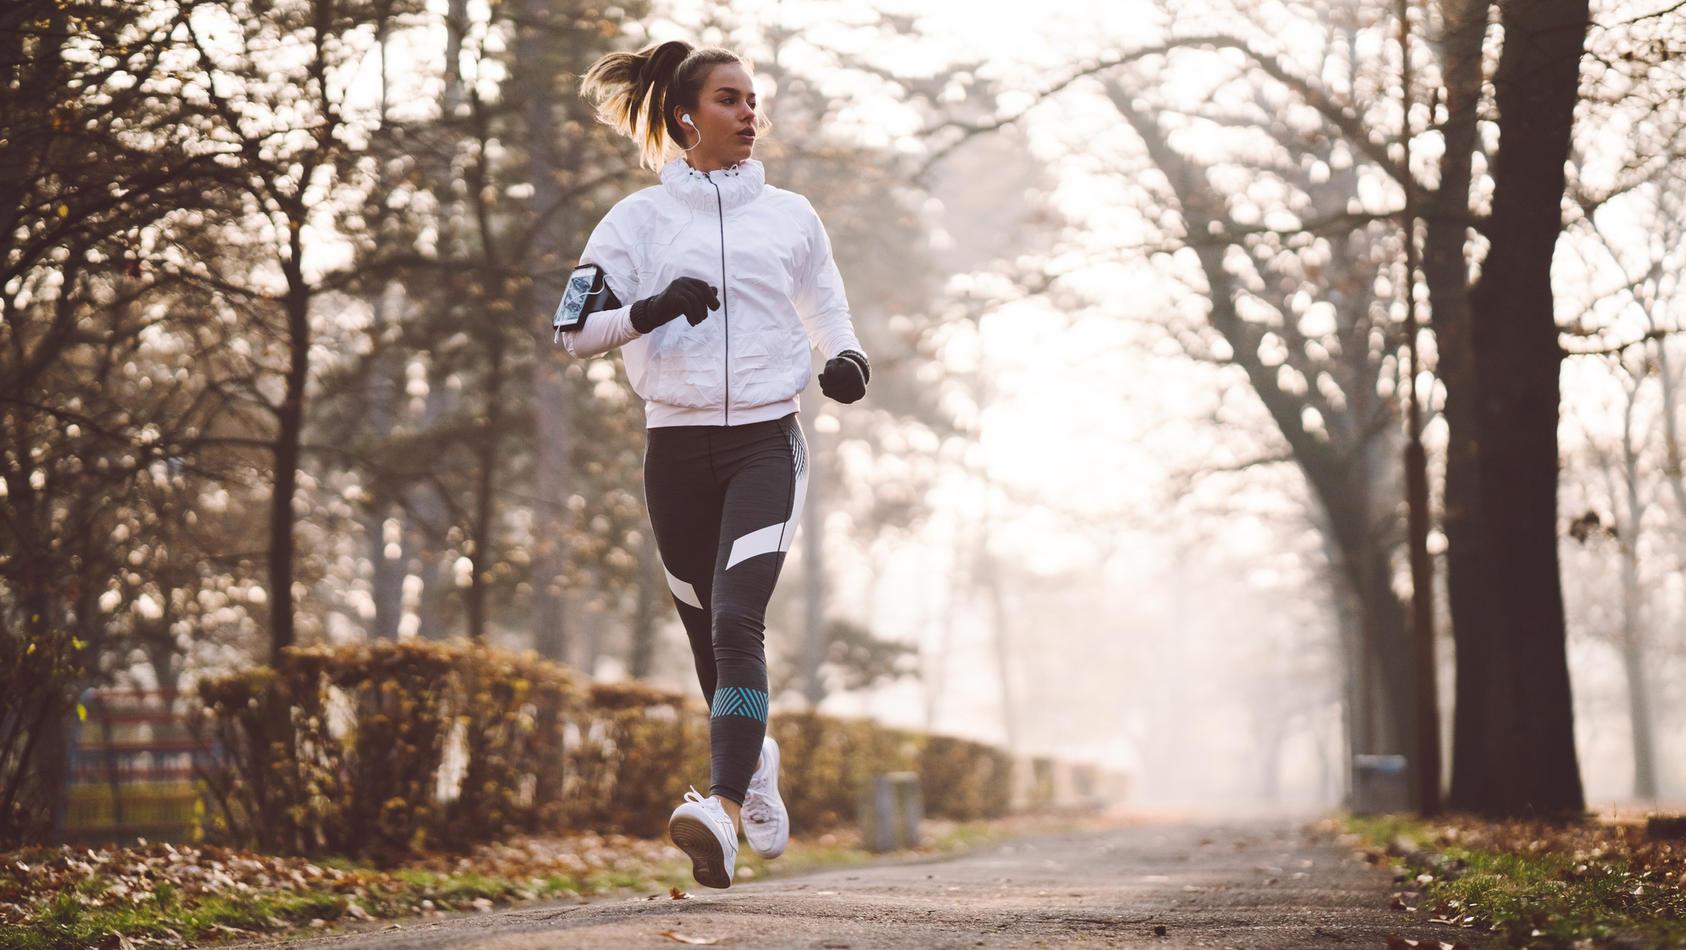 Laufmode ist vor allem im Winter essentiell, damit Sie warm eingepackt sind und nicht der Eiseskälte verfallen. Einige Kleidungsstücke sind ein wahres Must-have fürs Joggen im Winter.